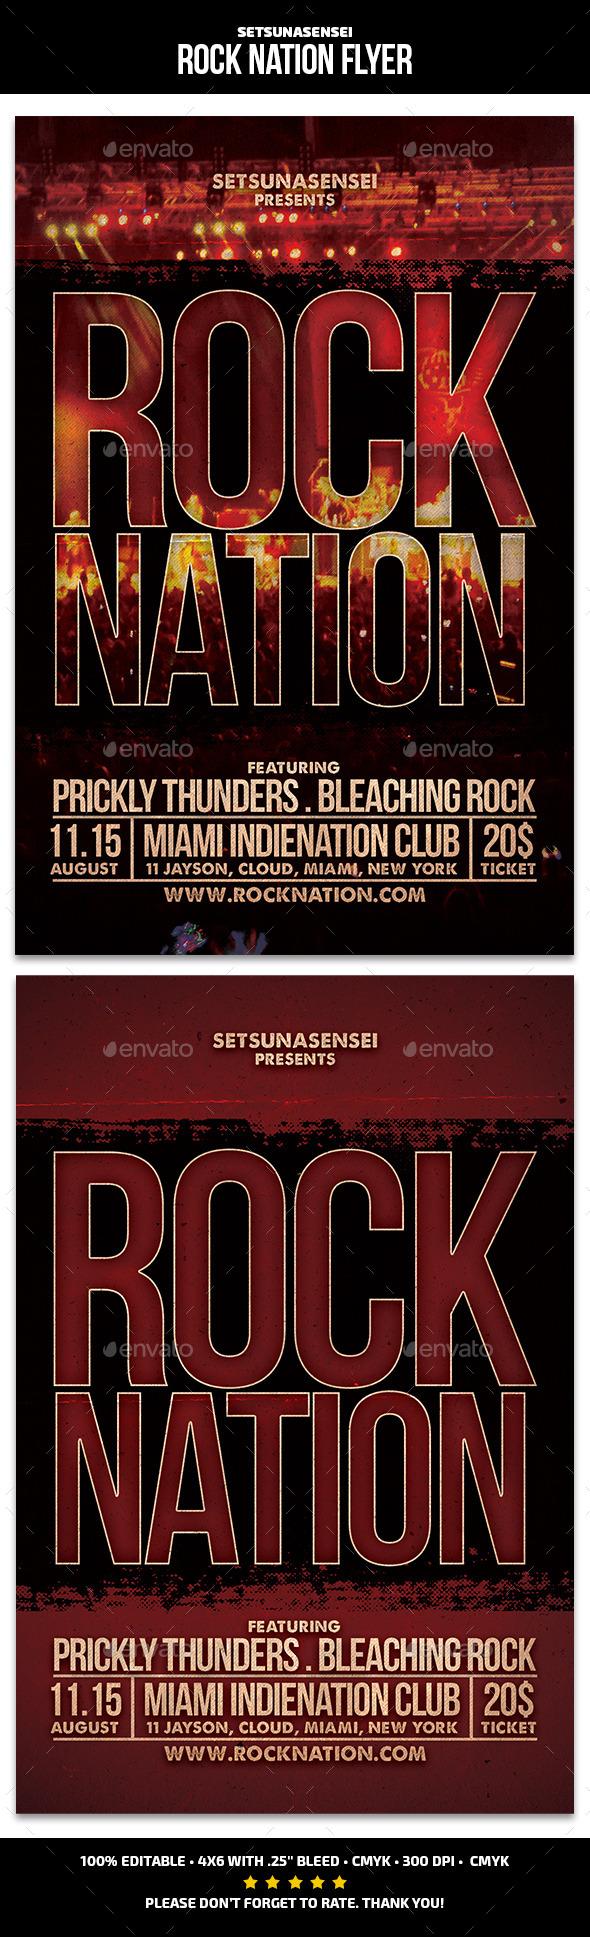 Rock Nation Flyer - Concerts Events